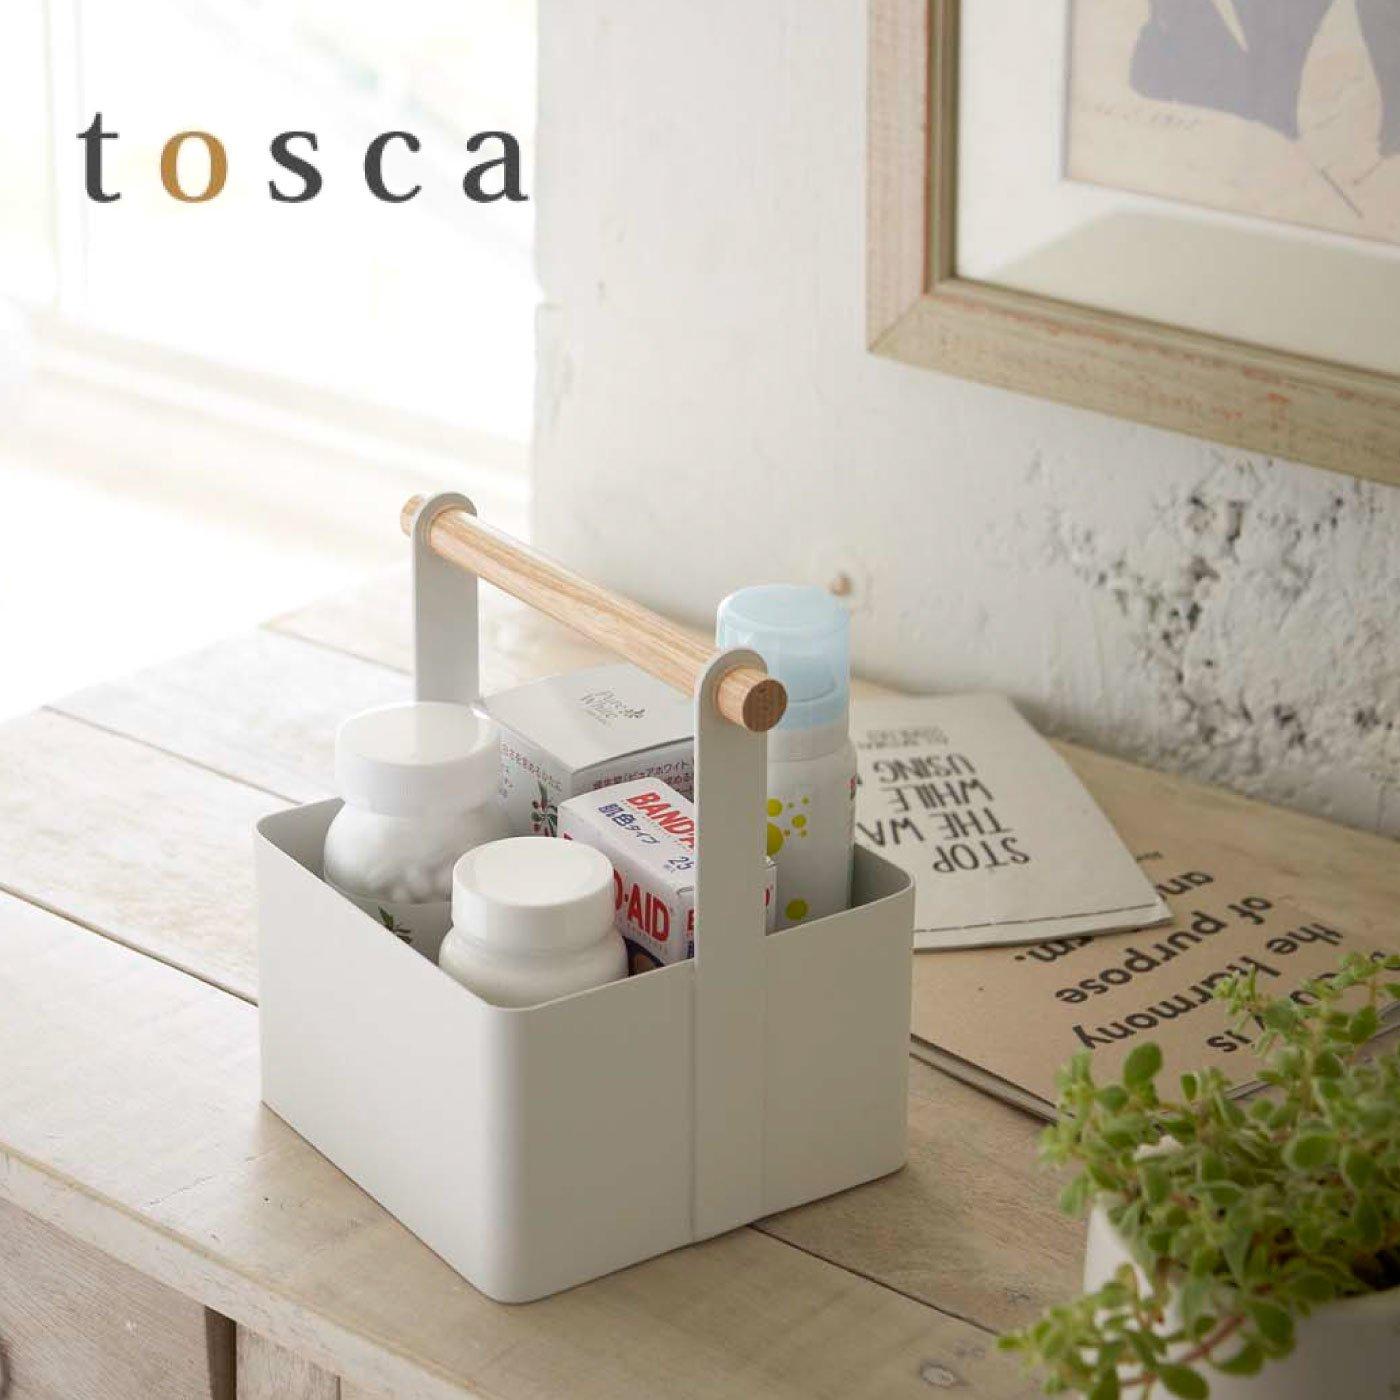 tosca ツールボックス Sサイズ